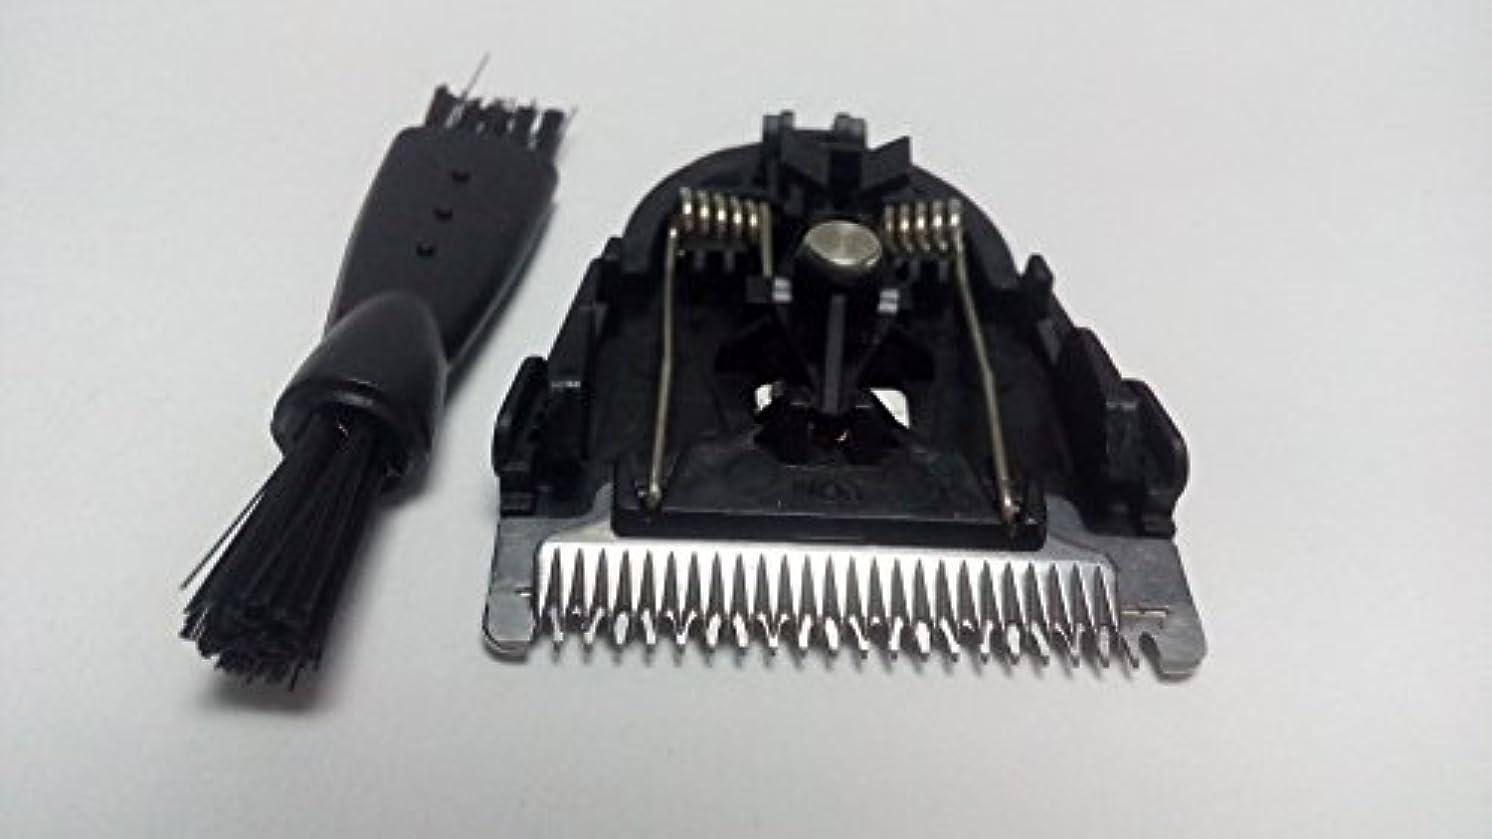 島内なるビデオシェーバーヘッドバーバーブレード フィリップスPhilips QC5570/13 QC5530/25 QC5510/15 QC5510/65 QC5550/15 QC5570/32 フィリップス ノレッコ ワン?ブレード 交換用ブレード Shaver Razor Head Blade clipper Cutter